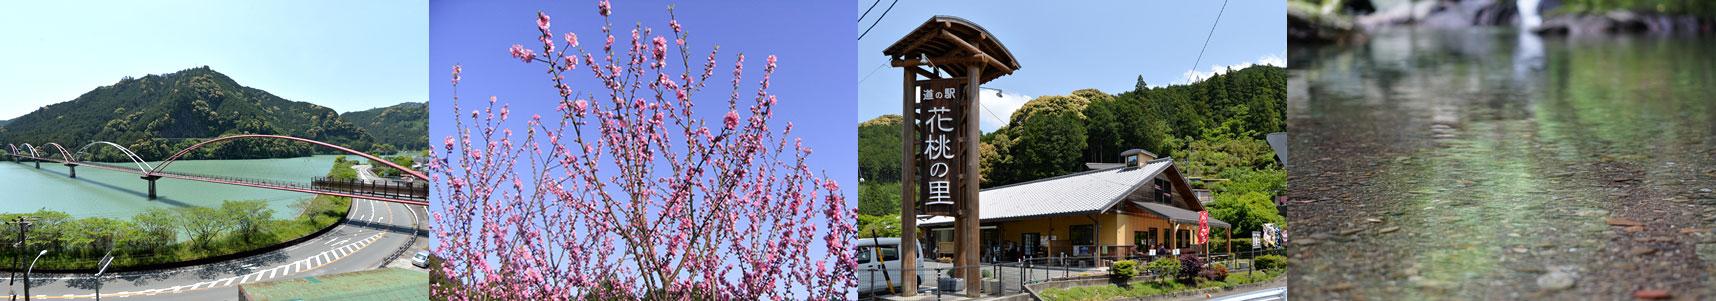 花桃の里風景写真